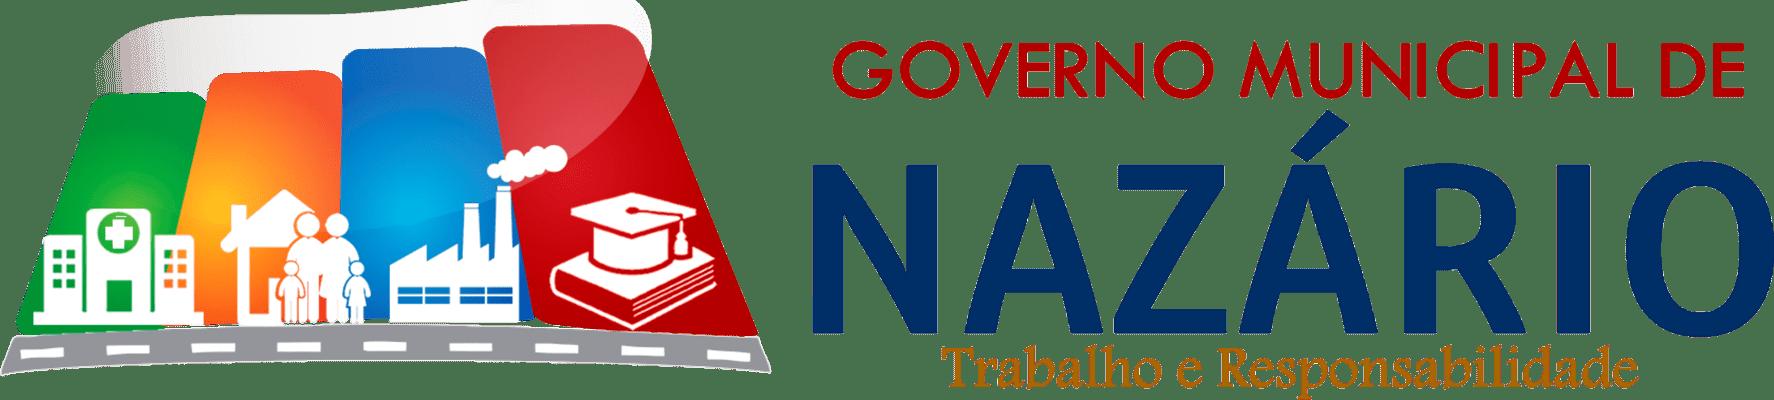 Governo Municipal de Nazário